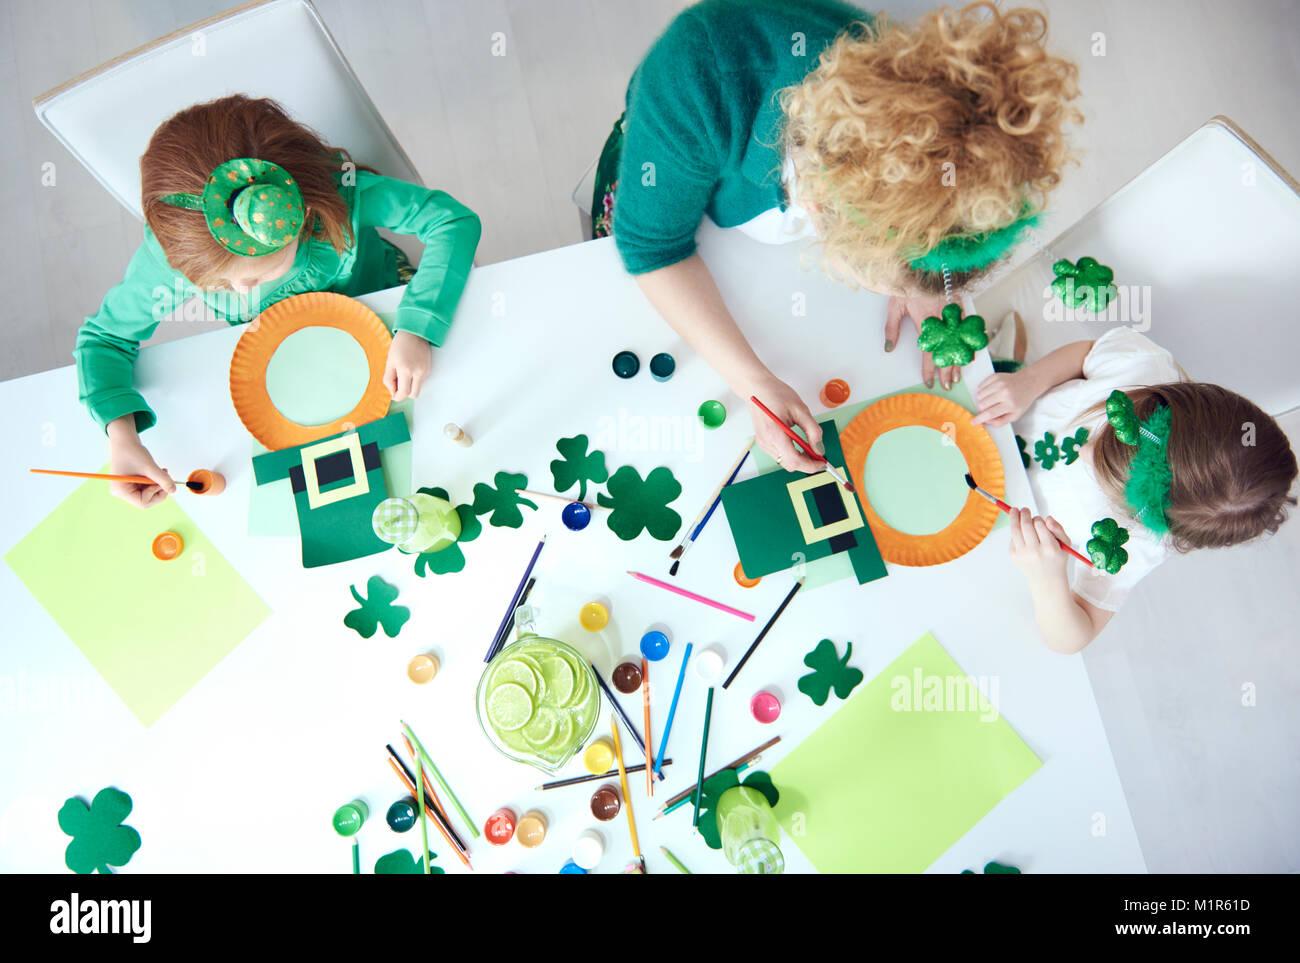 La préparation de la famille décorations pour Saint Patrick Photo Stock